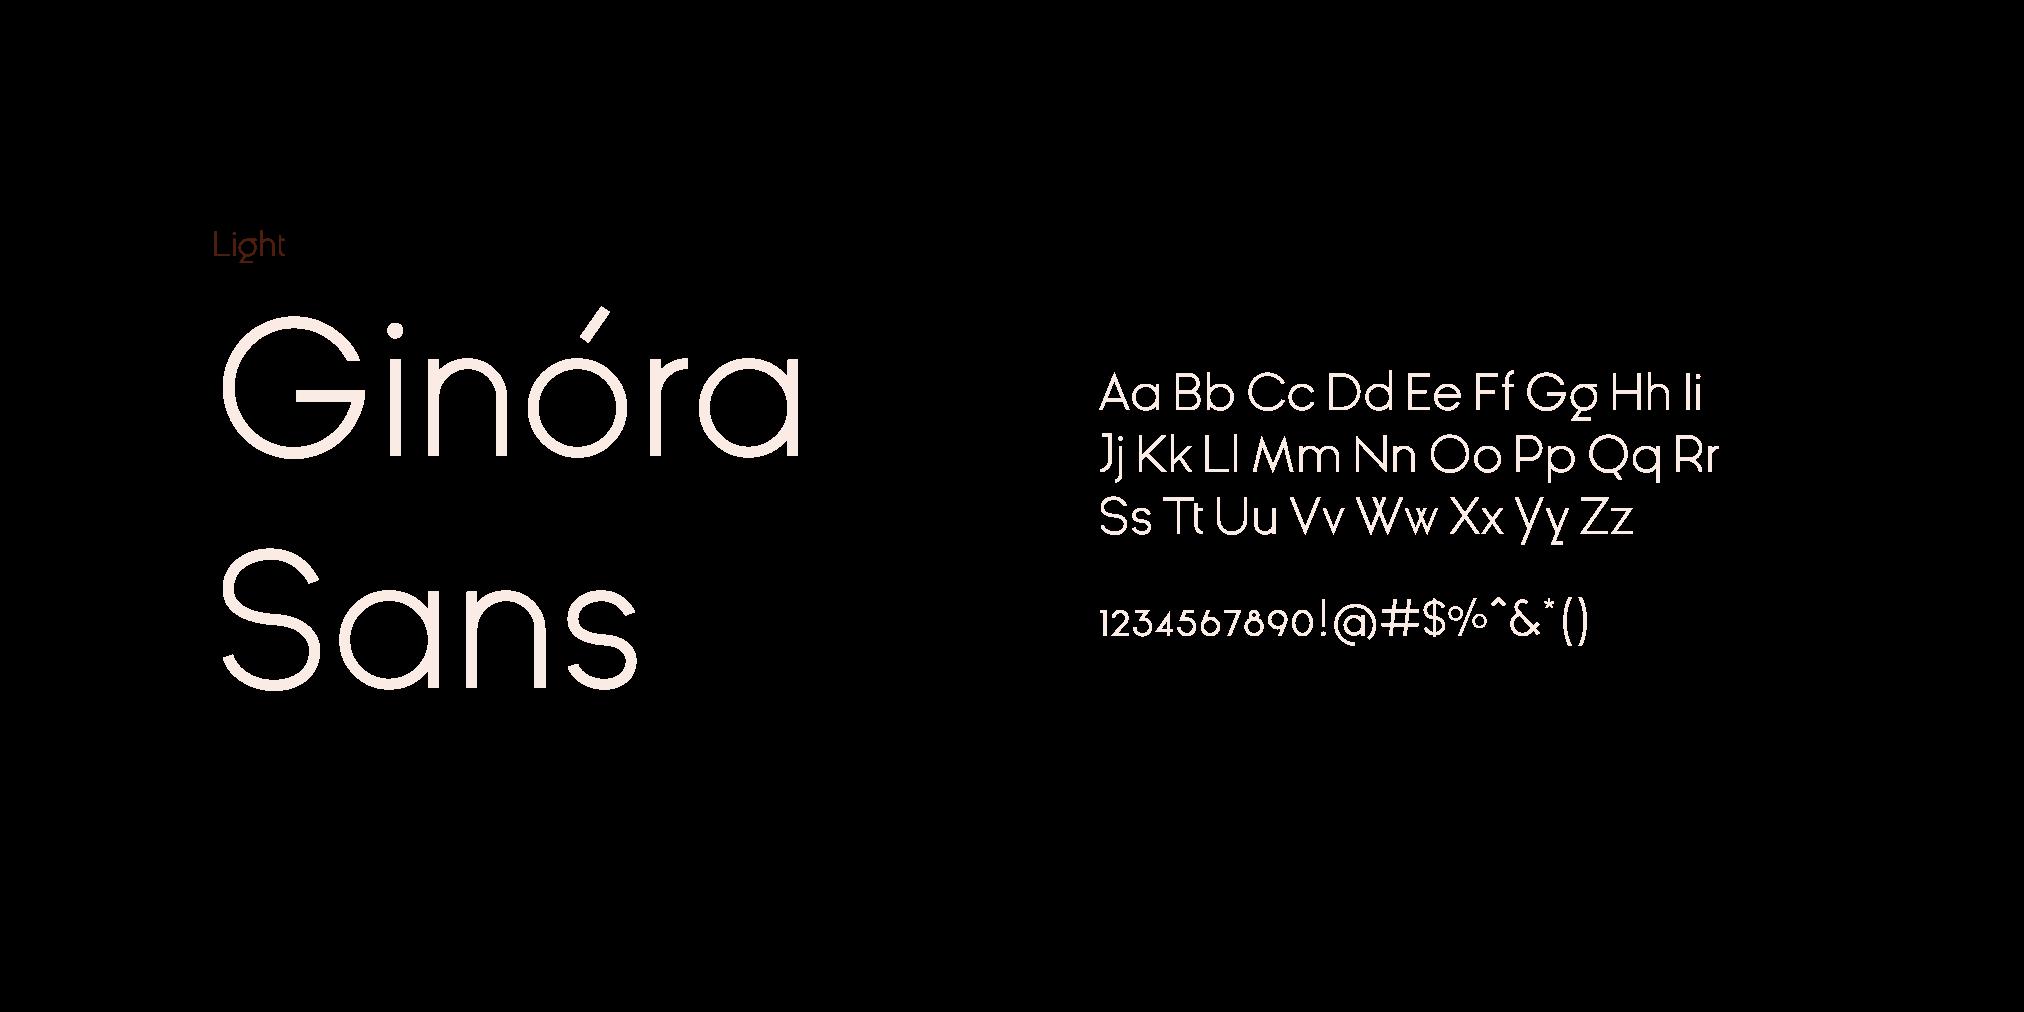 Ginora Sans